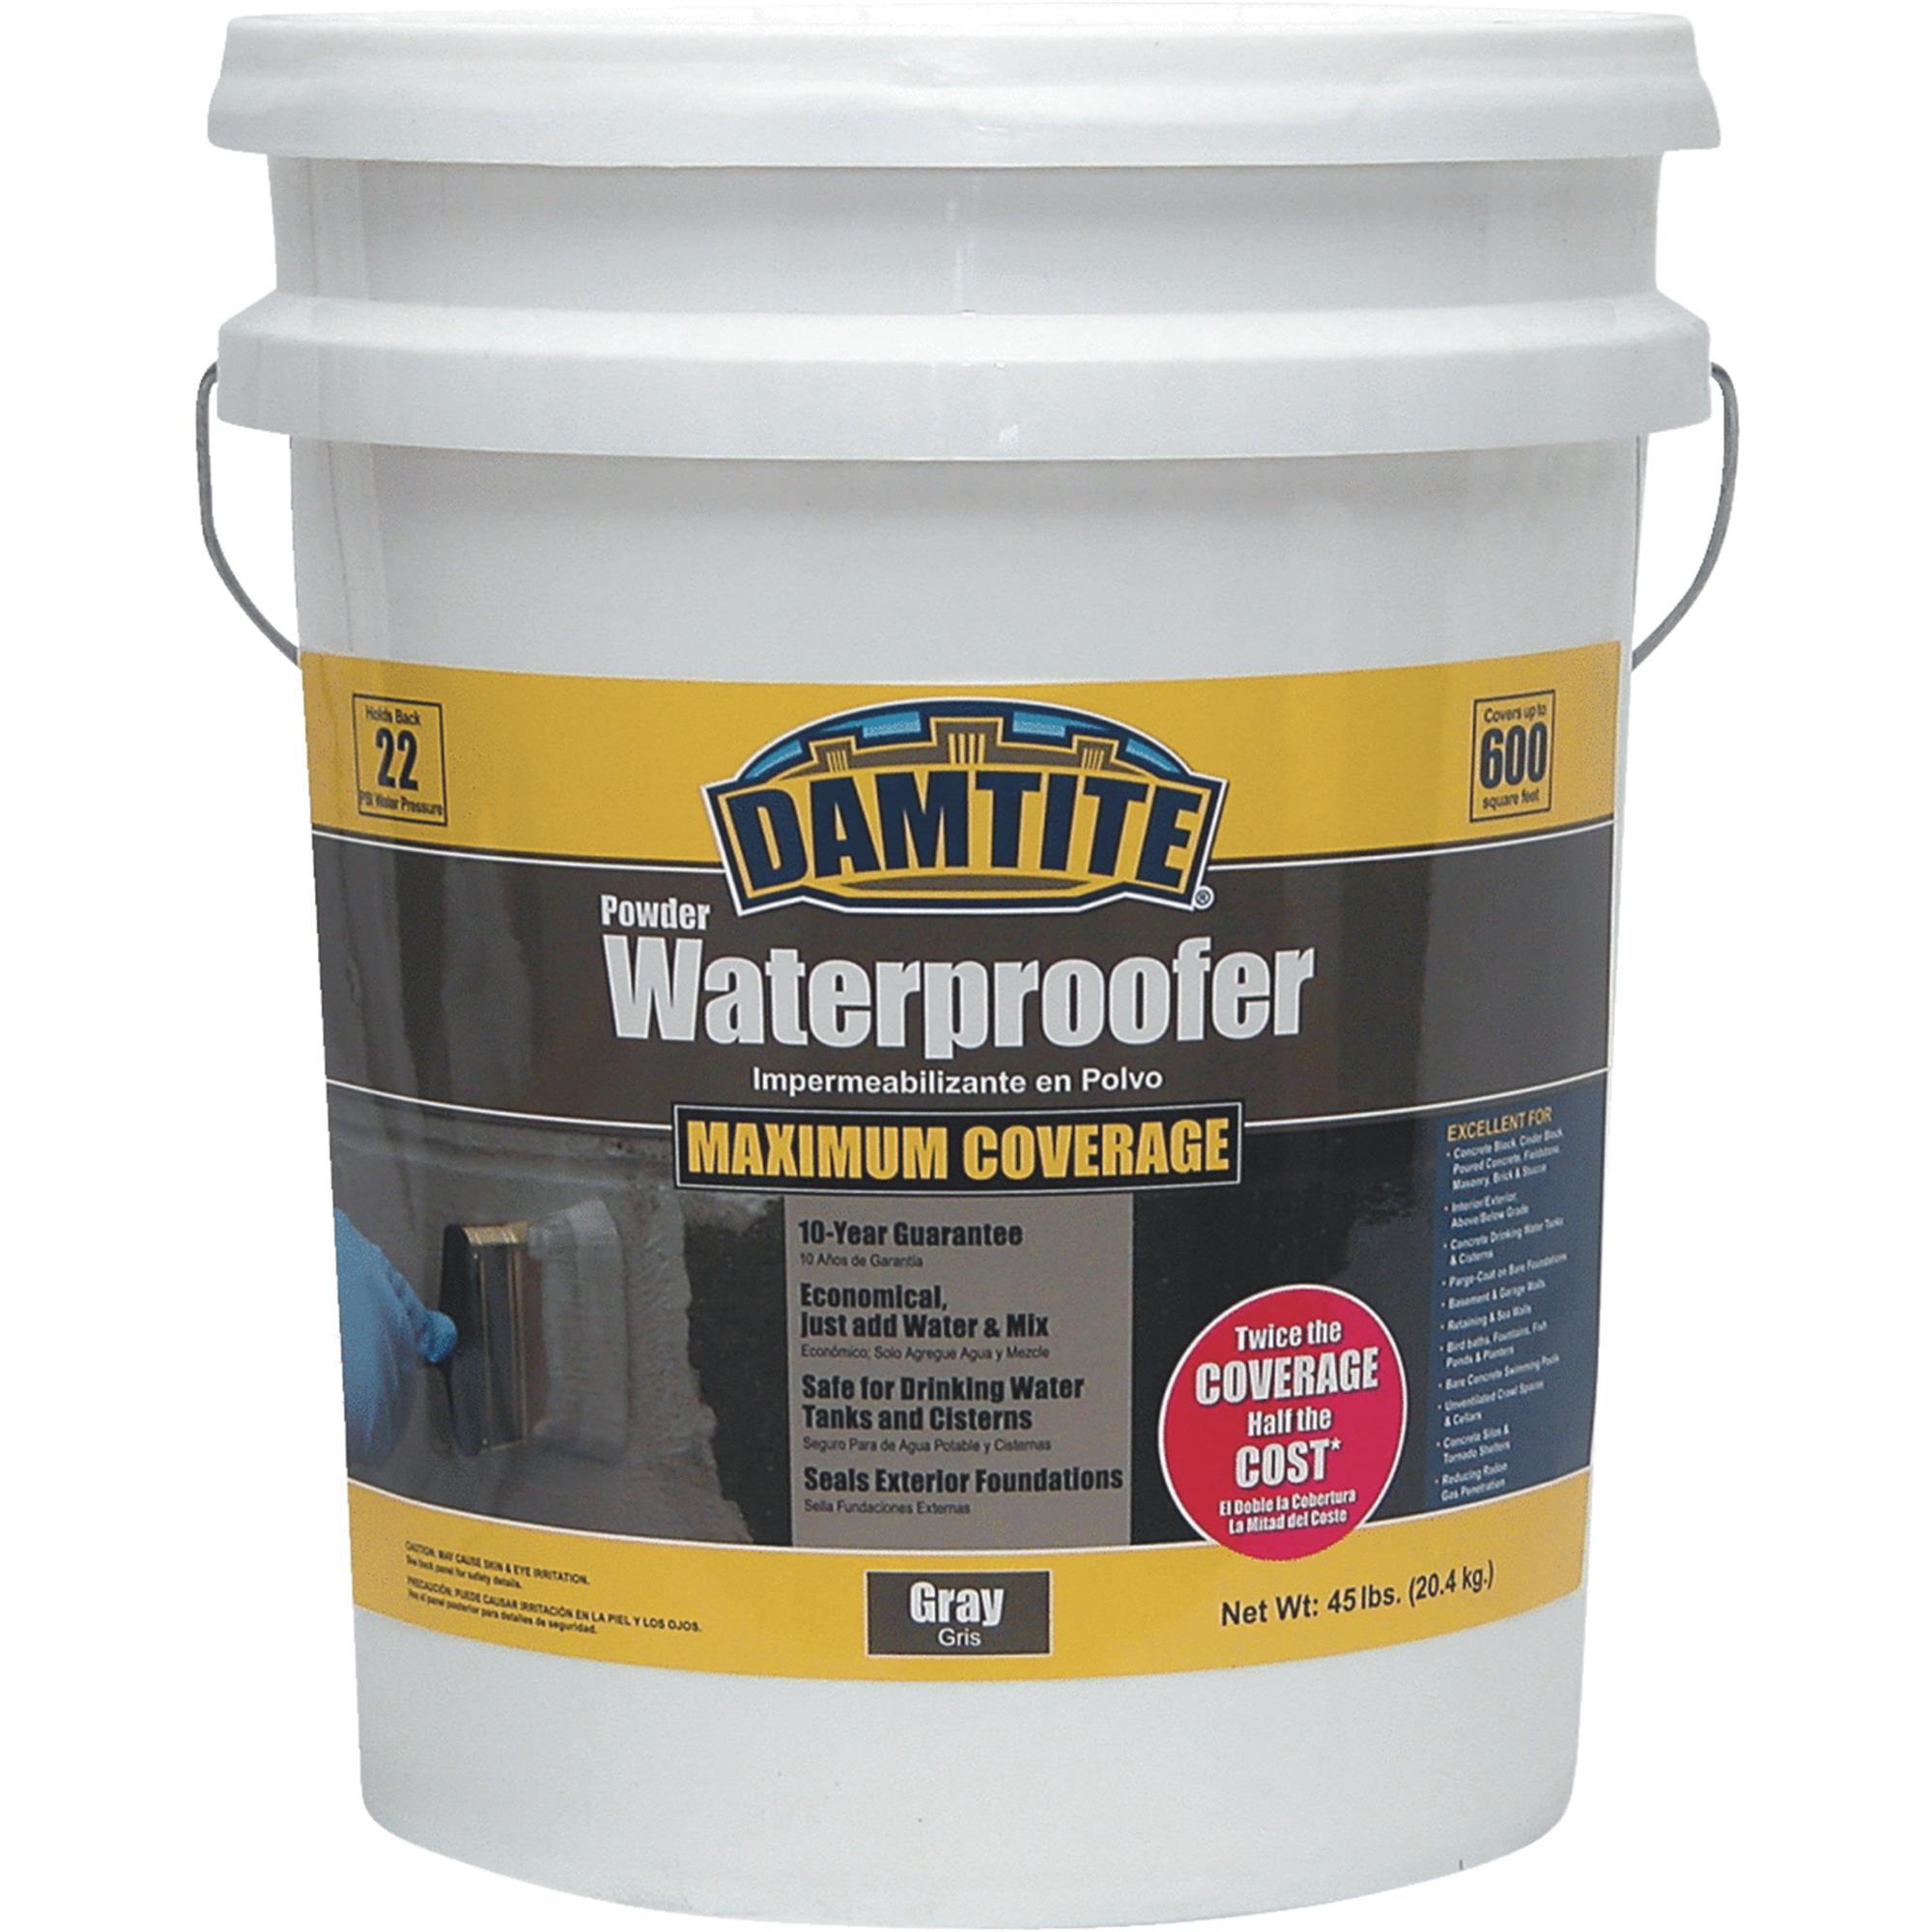 DAMTITE Powder Foundation & Masonry Waterproofer by Damtite Waterproofing